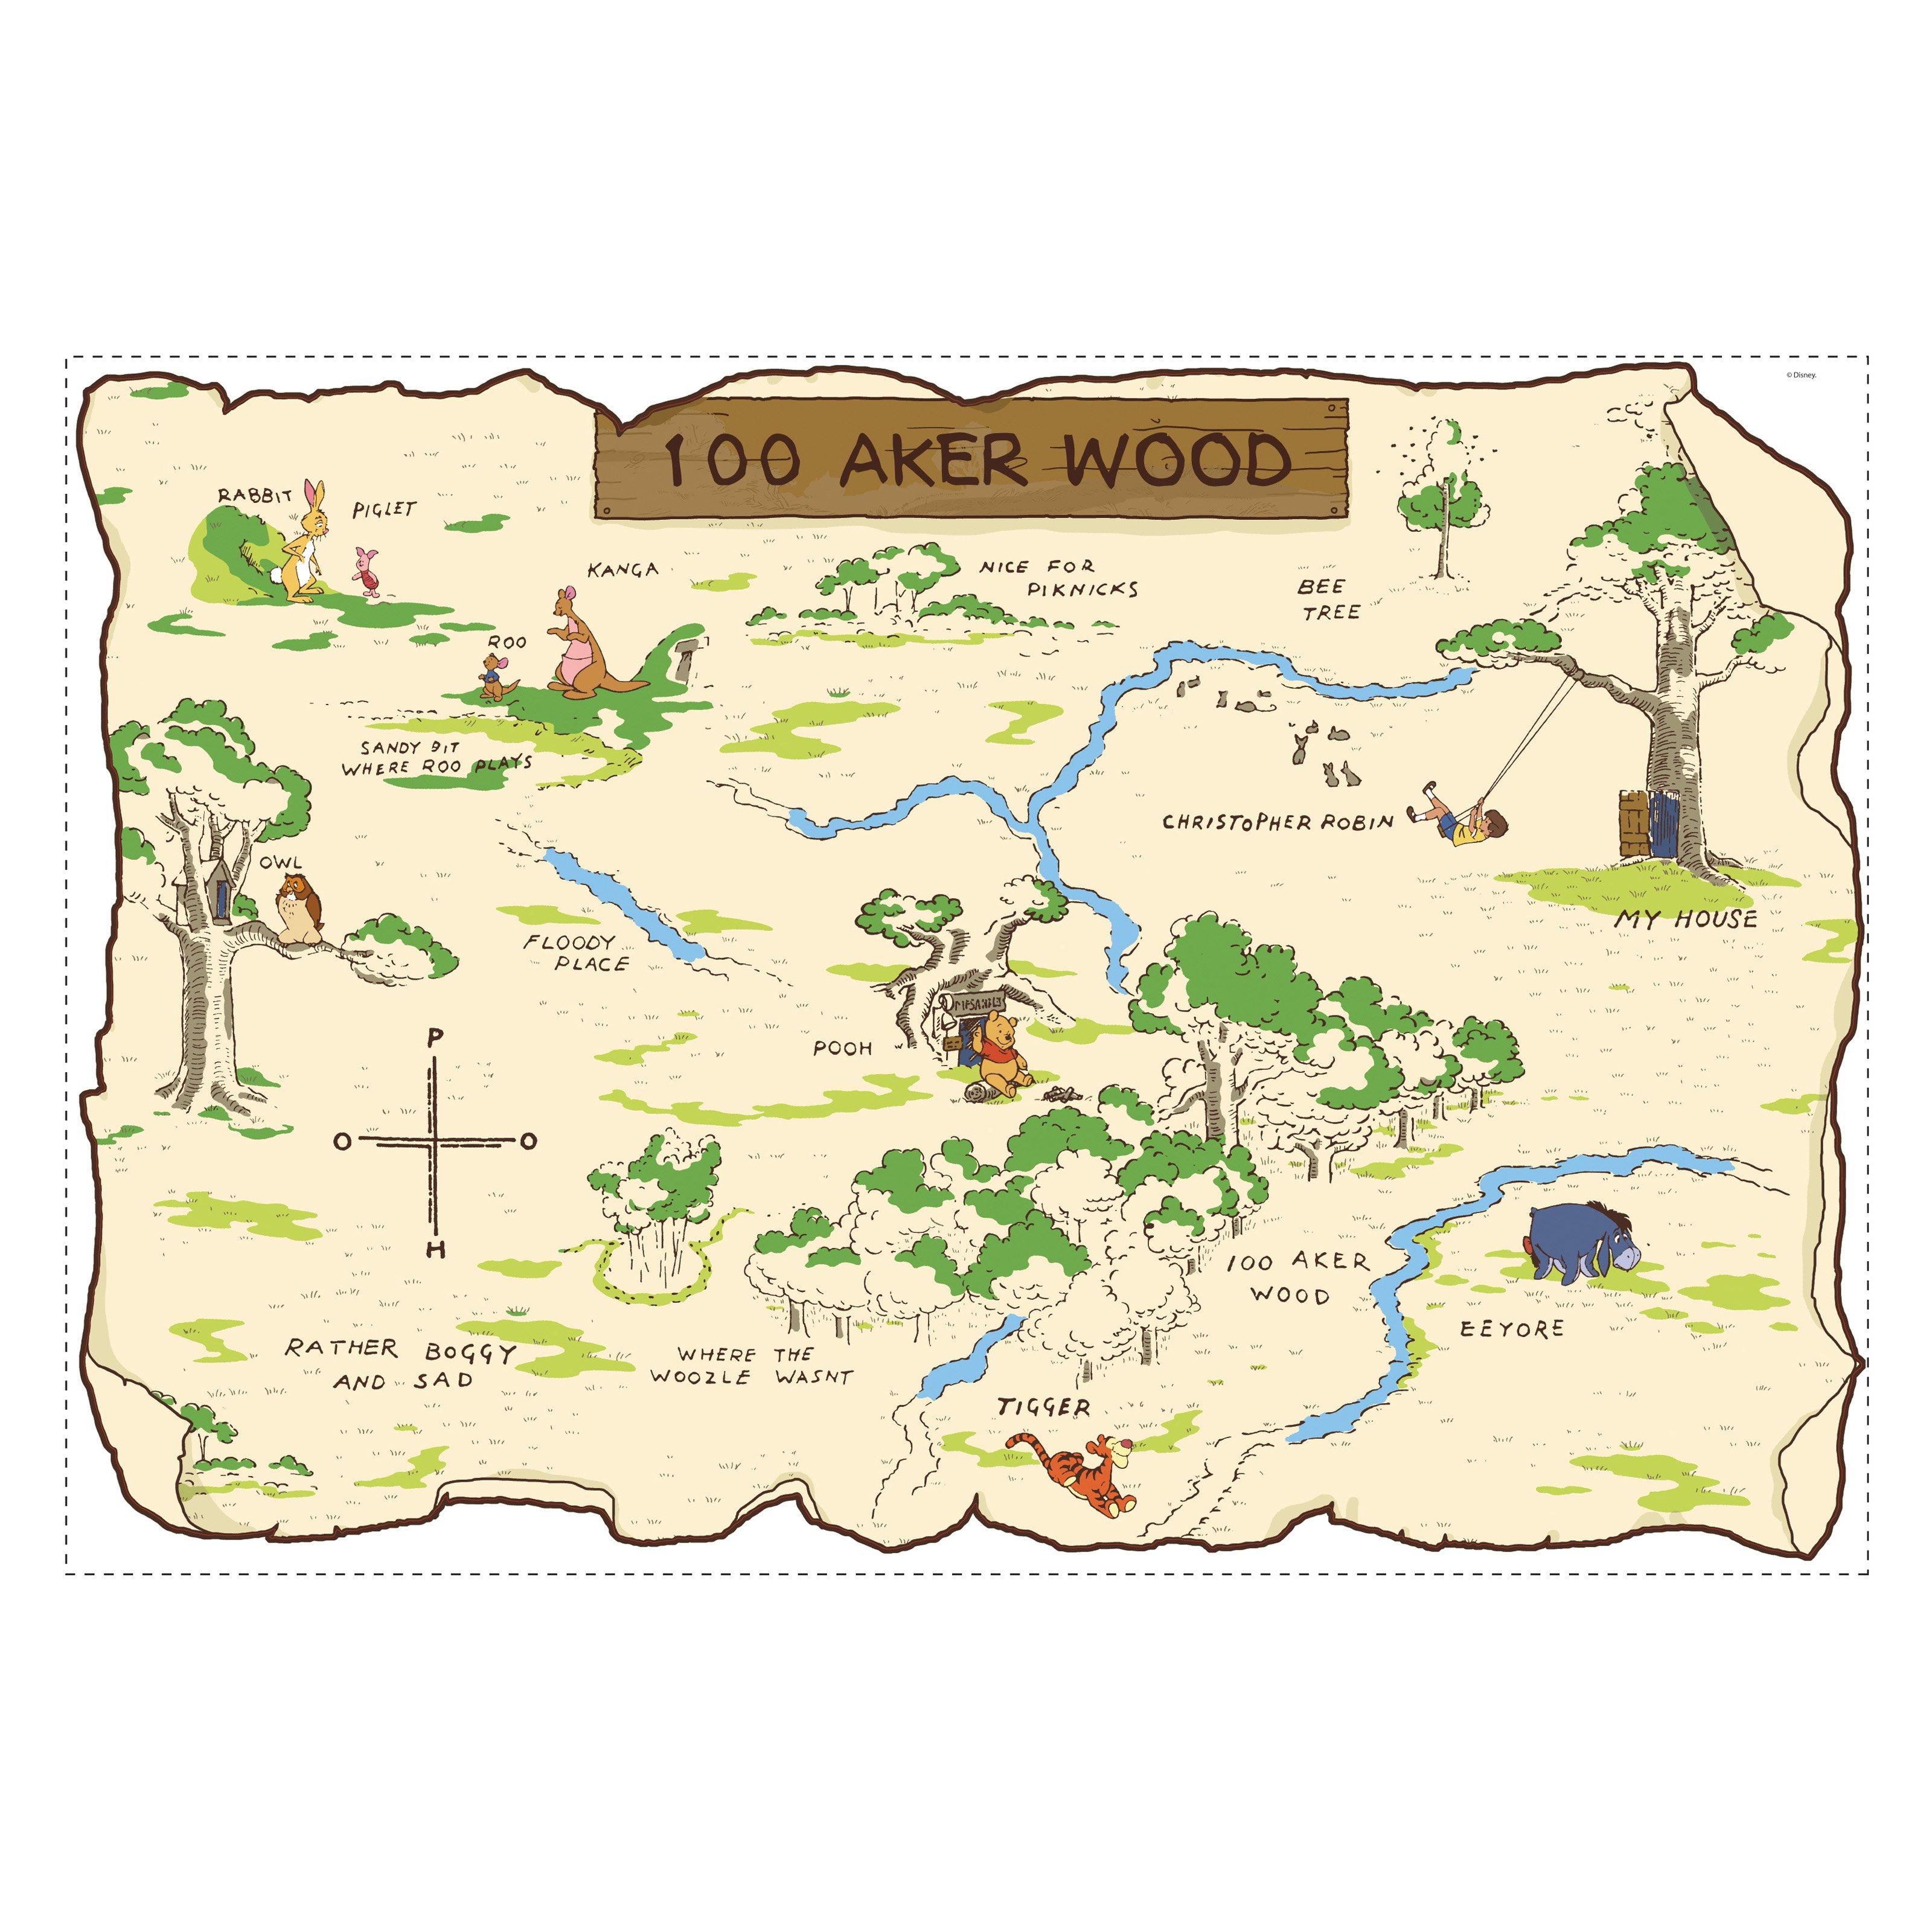 RoomMates Winnie the Pooh - 100 Aker Wood Peel & Stick Map